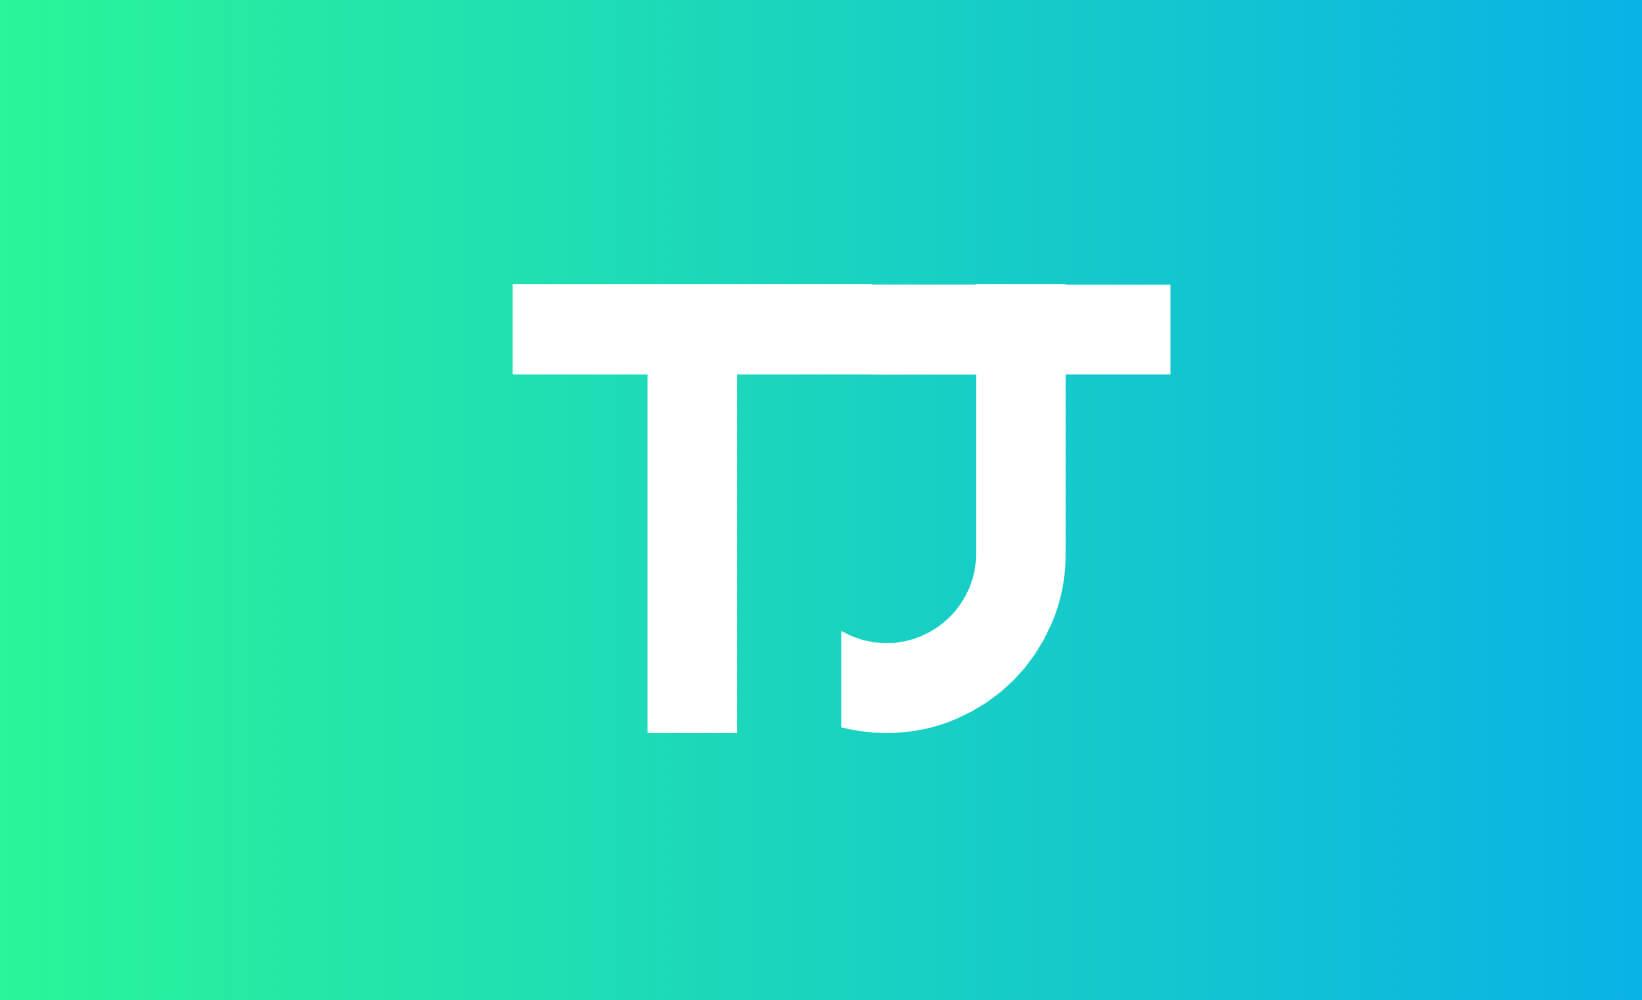 TJ Creative